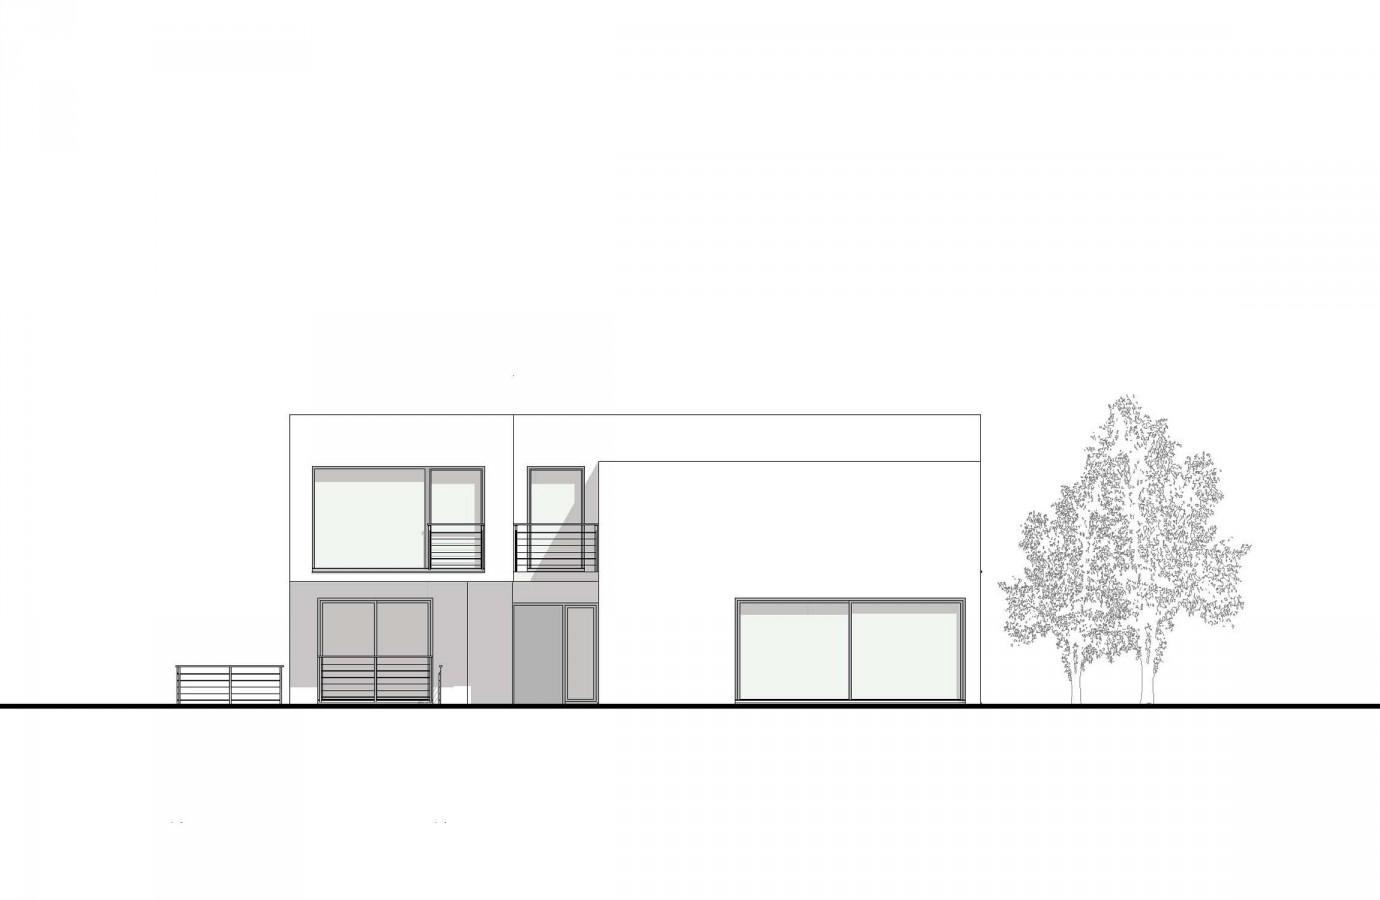 tekart architecture architectes associes concepteur de With la maison du dressing 8 tekart architecture architectes associes concepteur de